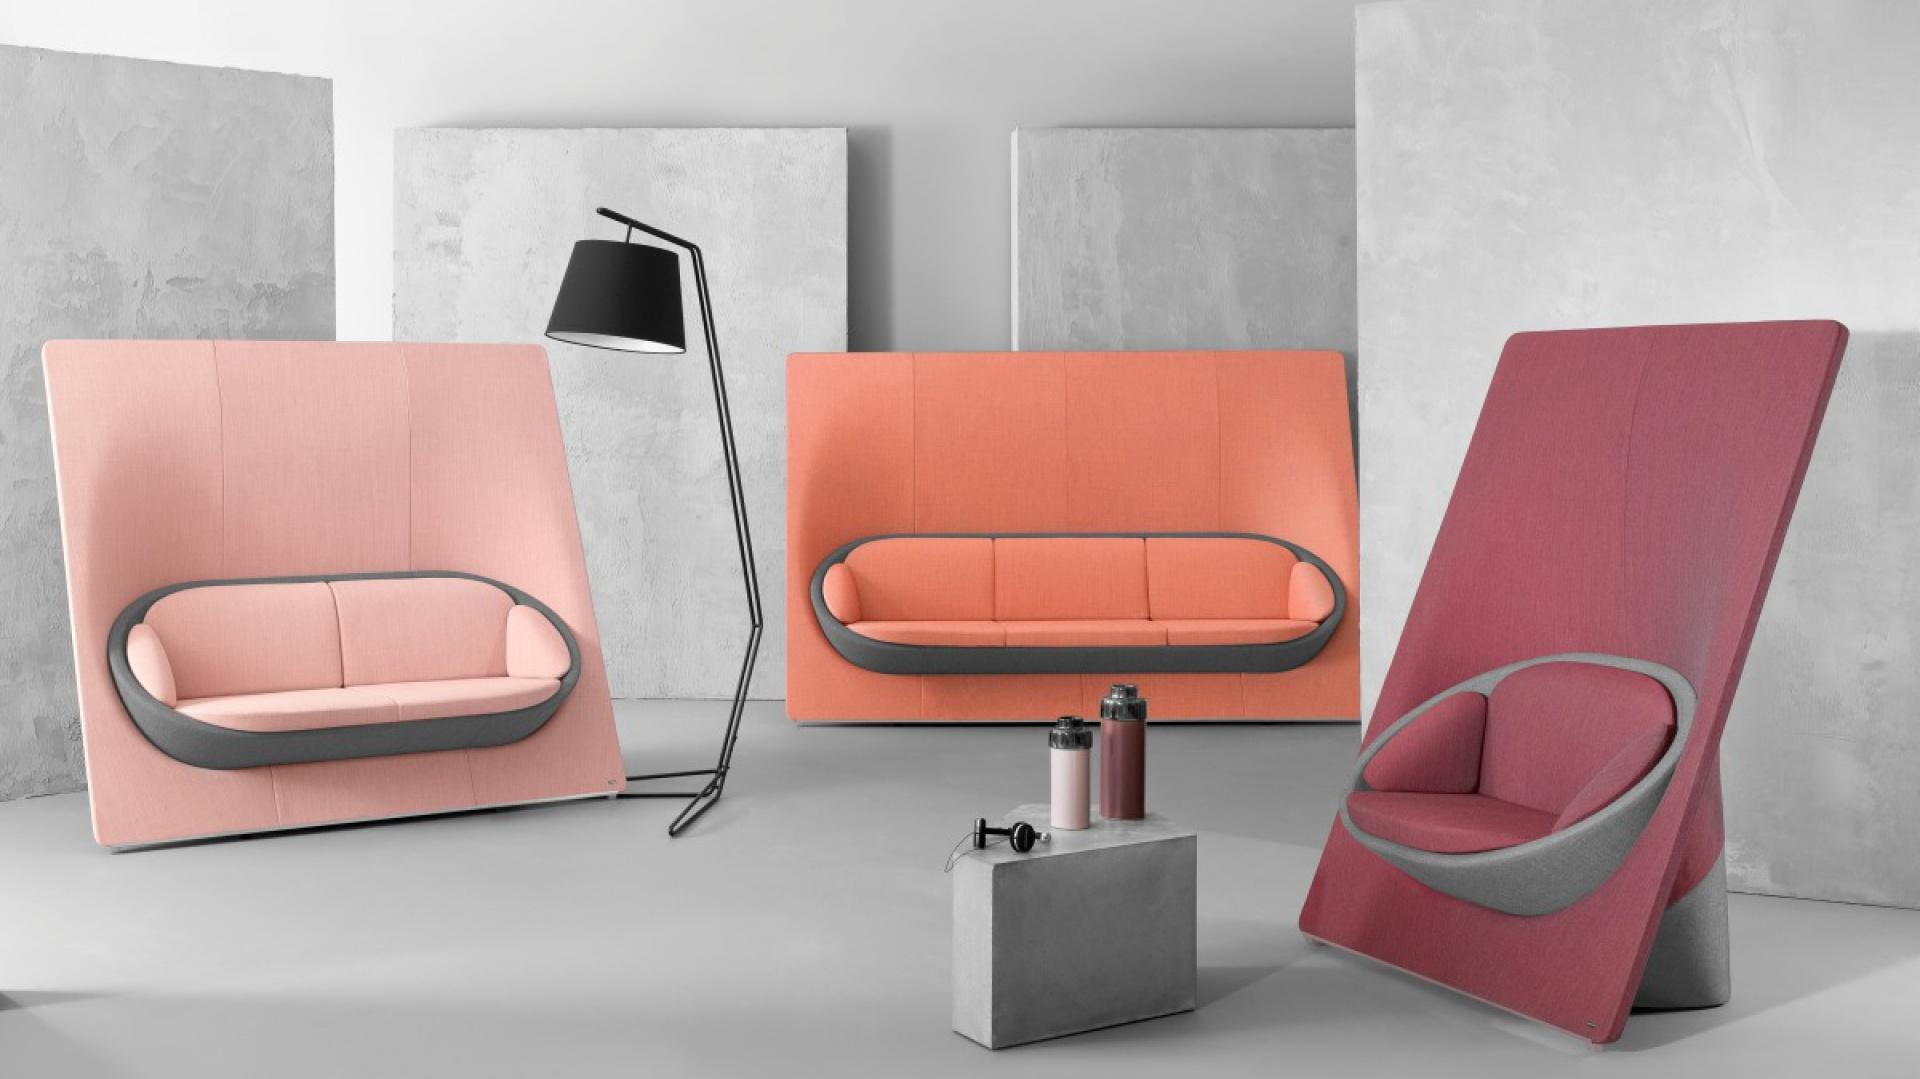 Wyspa to archetyp mebla, którego nowatorskie wzornictwo siedzisk wyznacza nowy styl w projektowaniu. Jeśli chcemy zaprosić innych do konwersacji wystarczy ustawić sofy w pozycji otwartej. Fot. Materiały prasowe